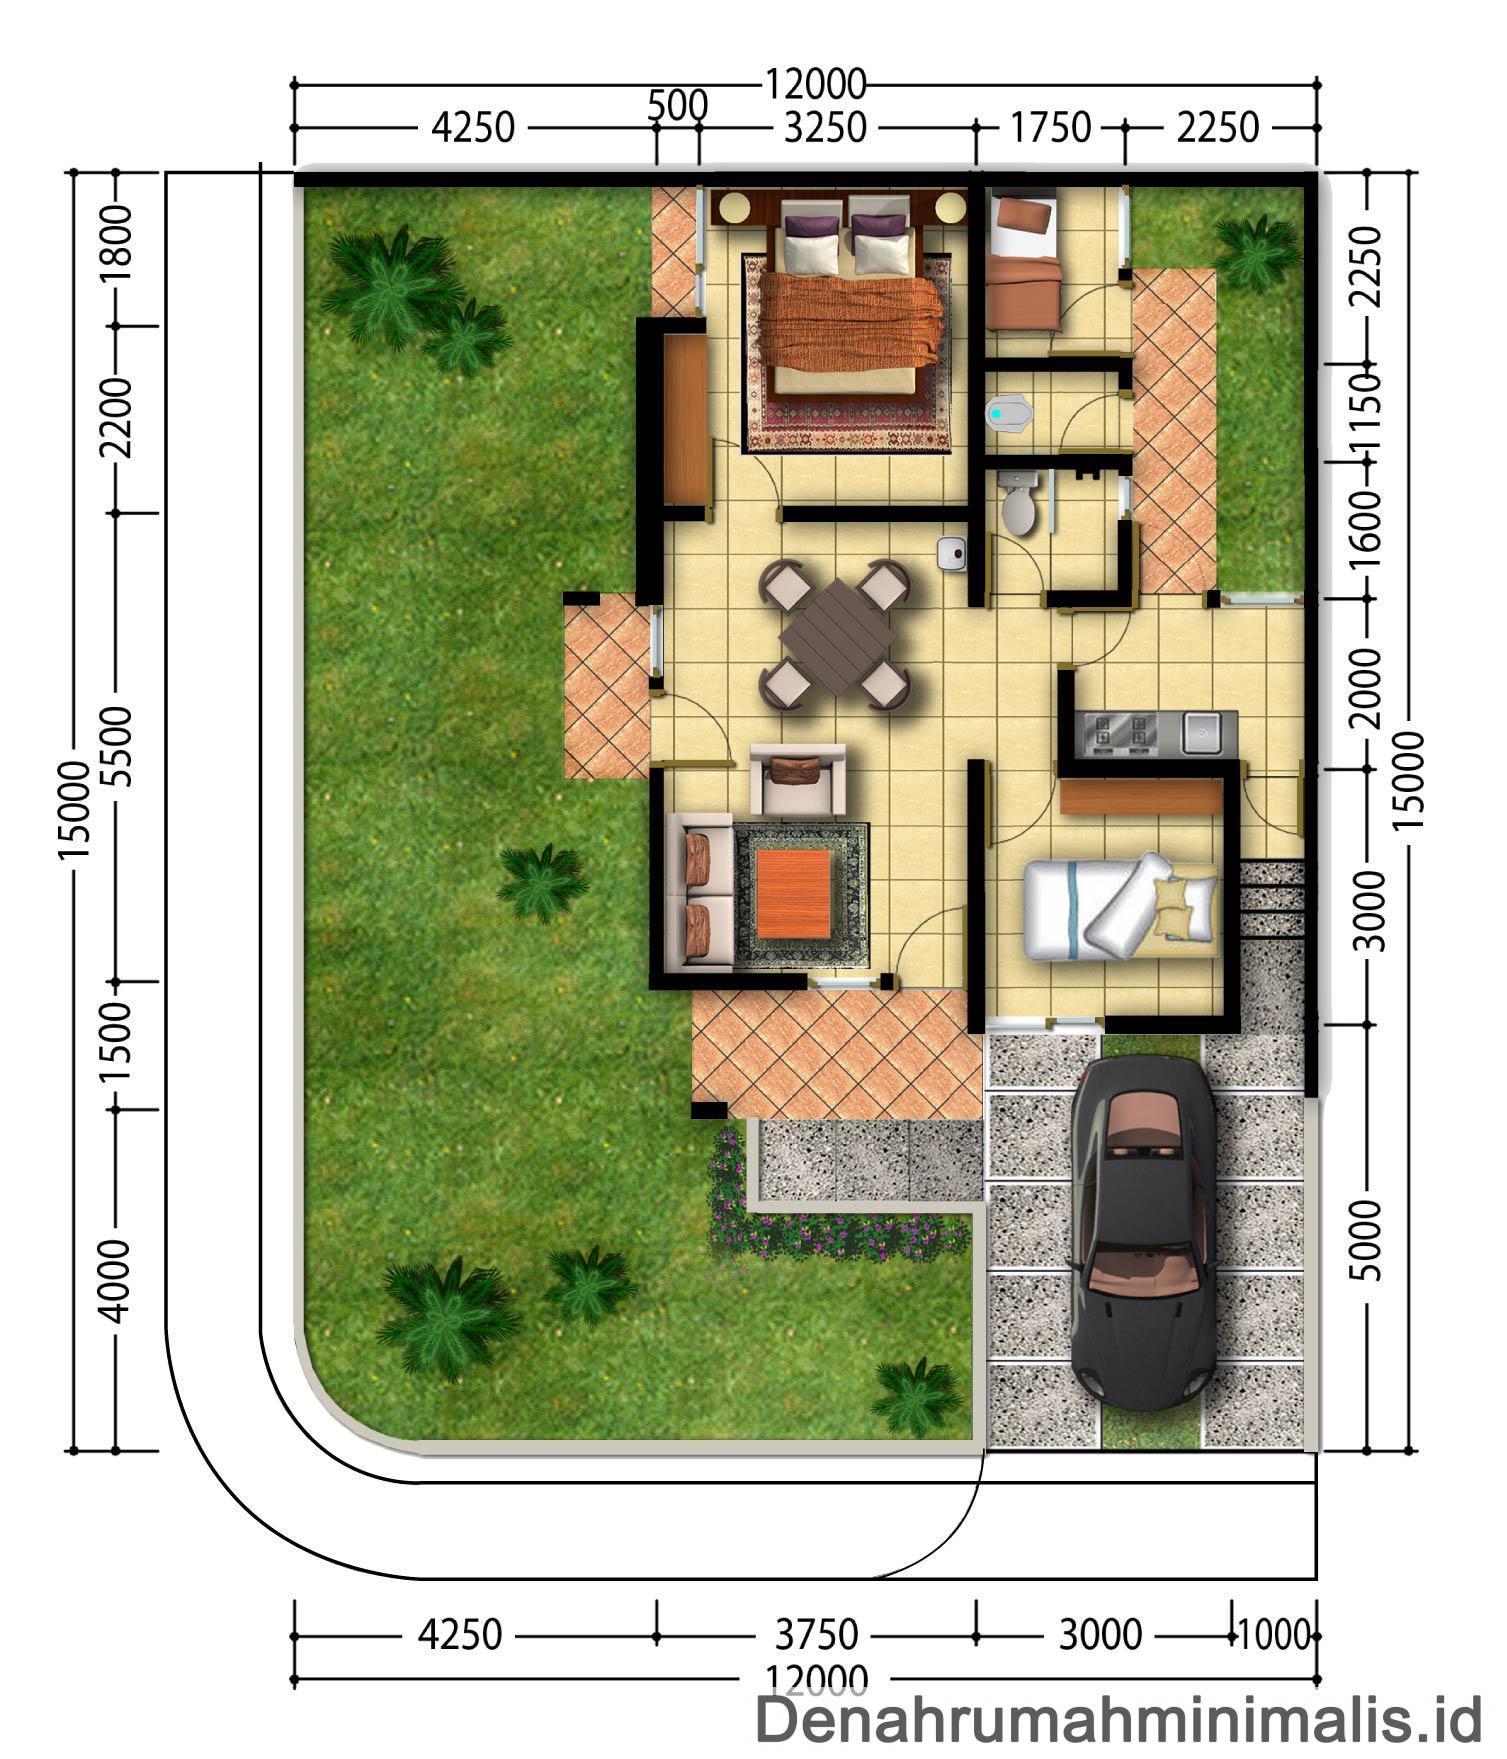 Teratas 21 Gambar Rumah Minimalis 1 Kamar 93 Tentang Ide Merombak Rumah Kecil oleh 21 Gambar Rumah Minimalis 1 Kamar